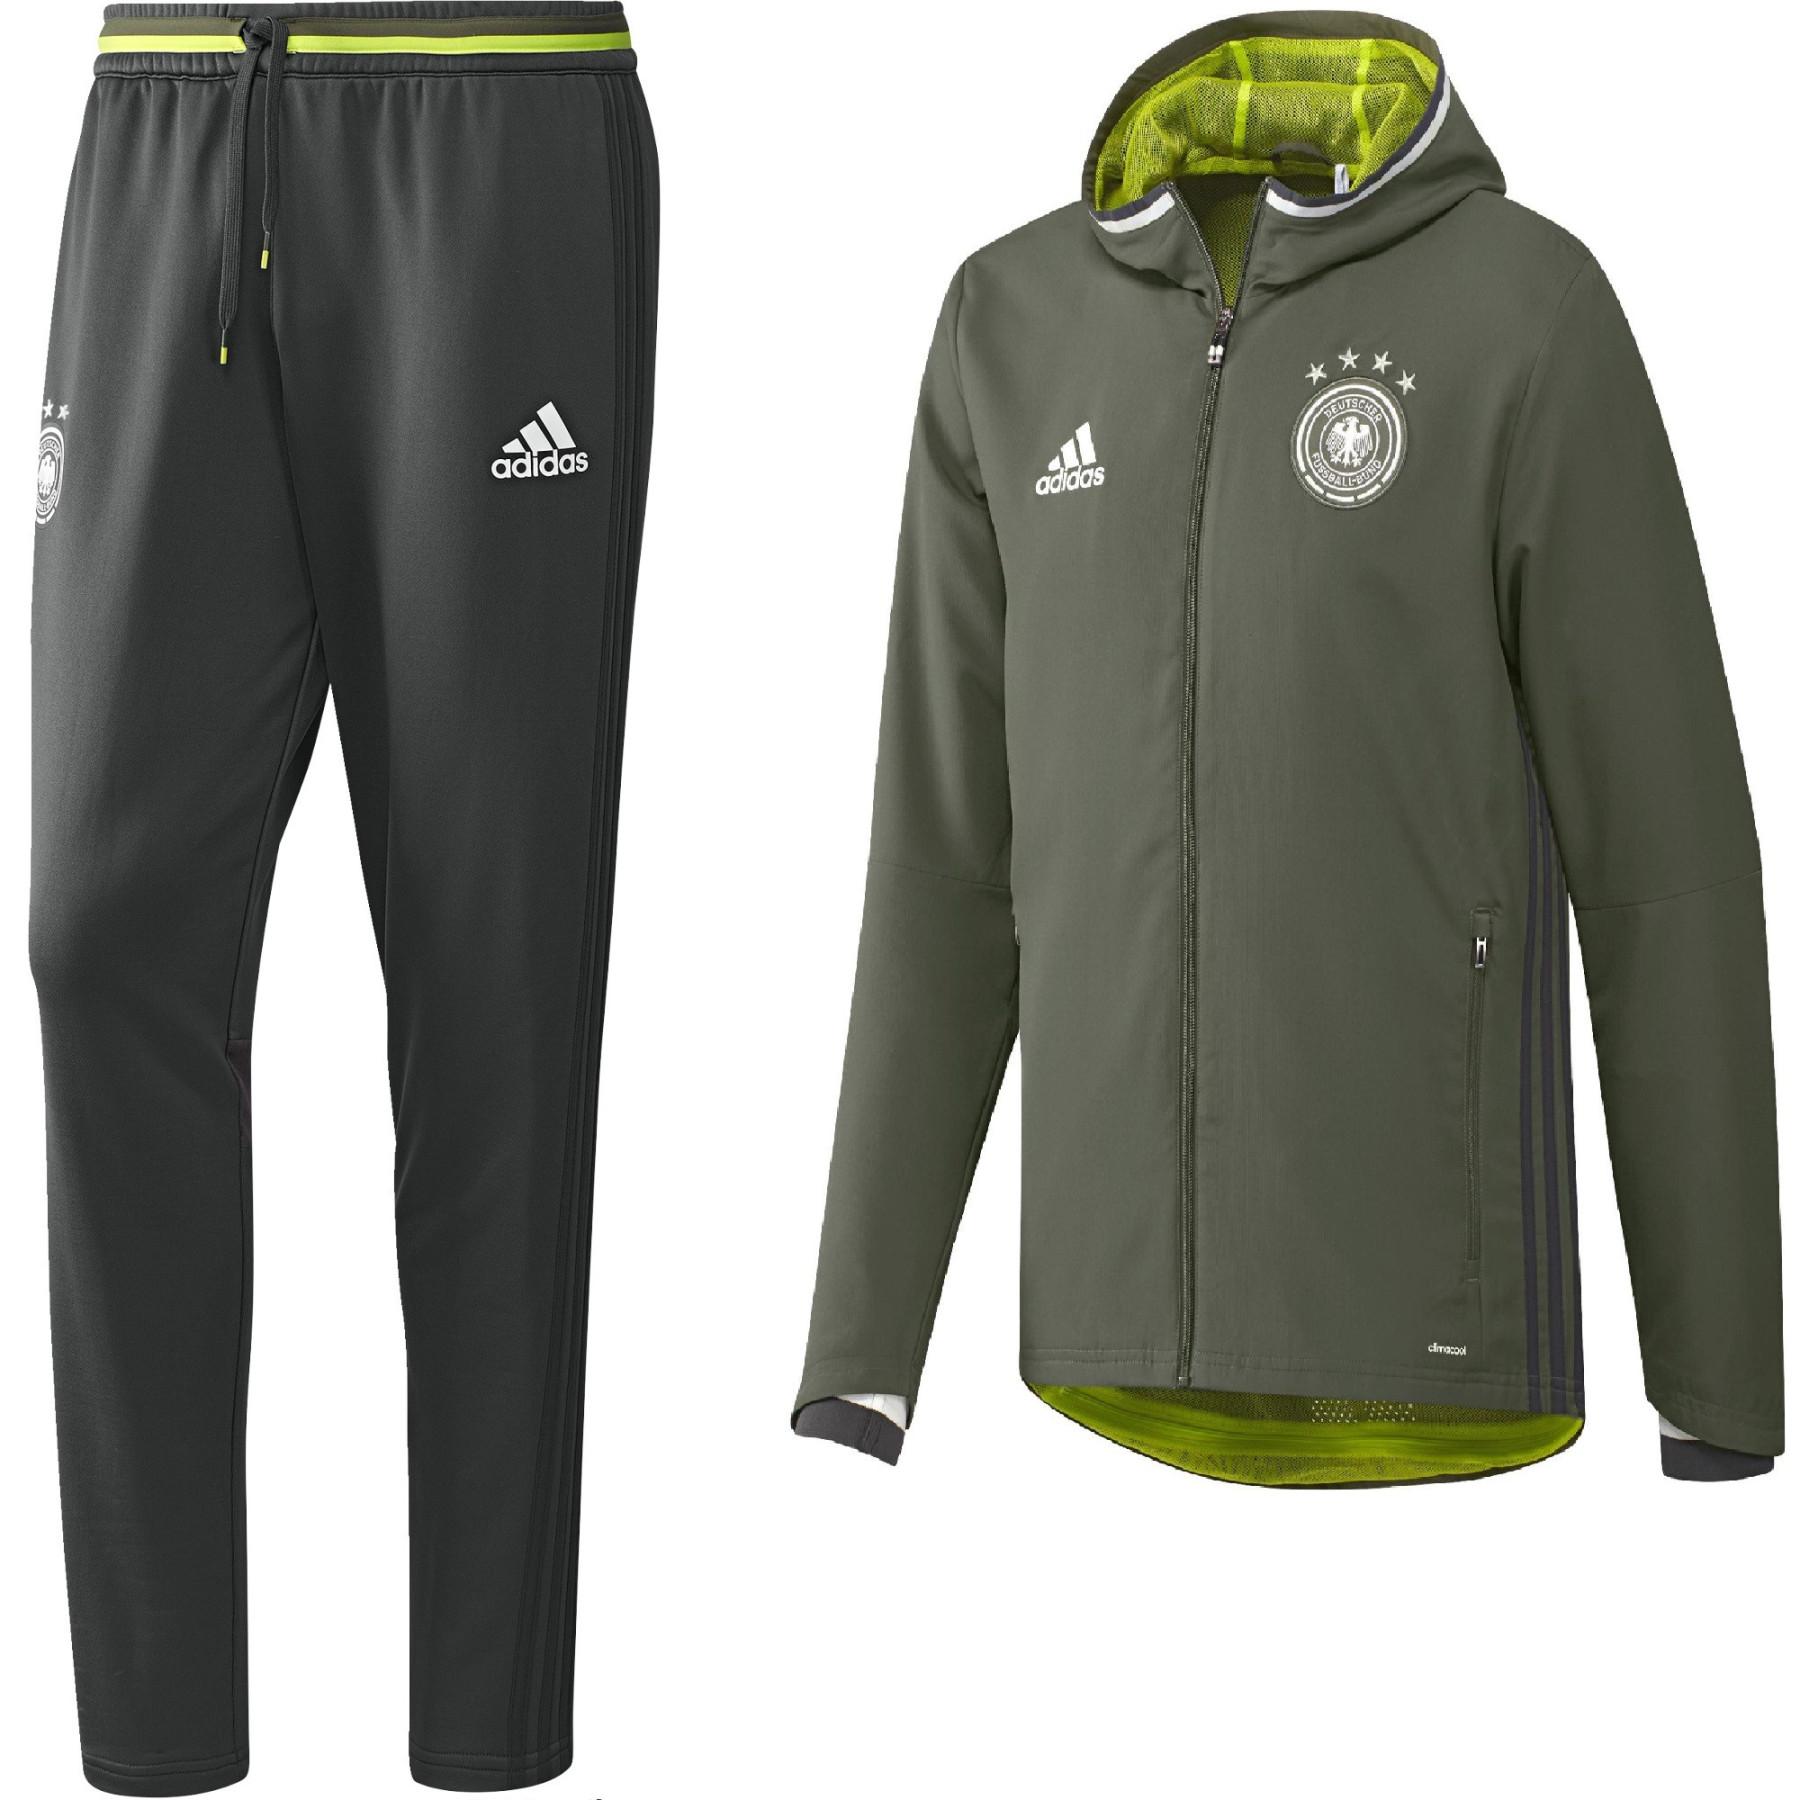 Pantalon survetement Allemagne foot Adidas